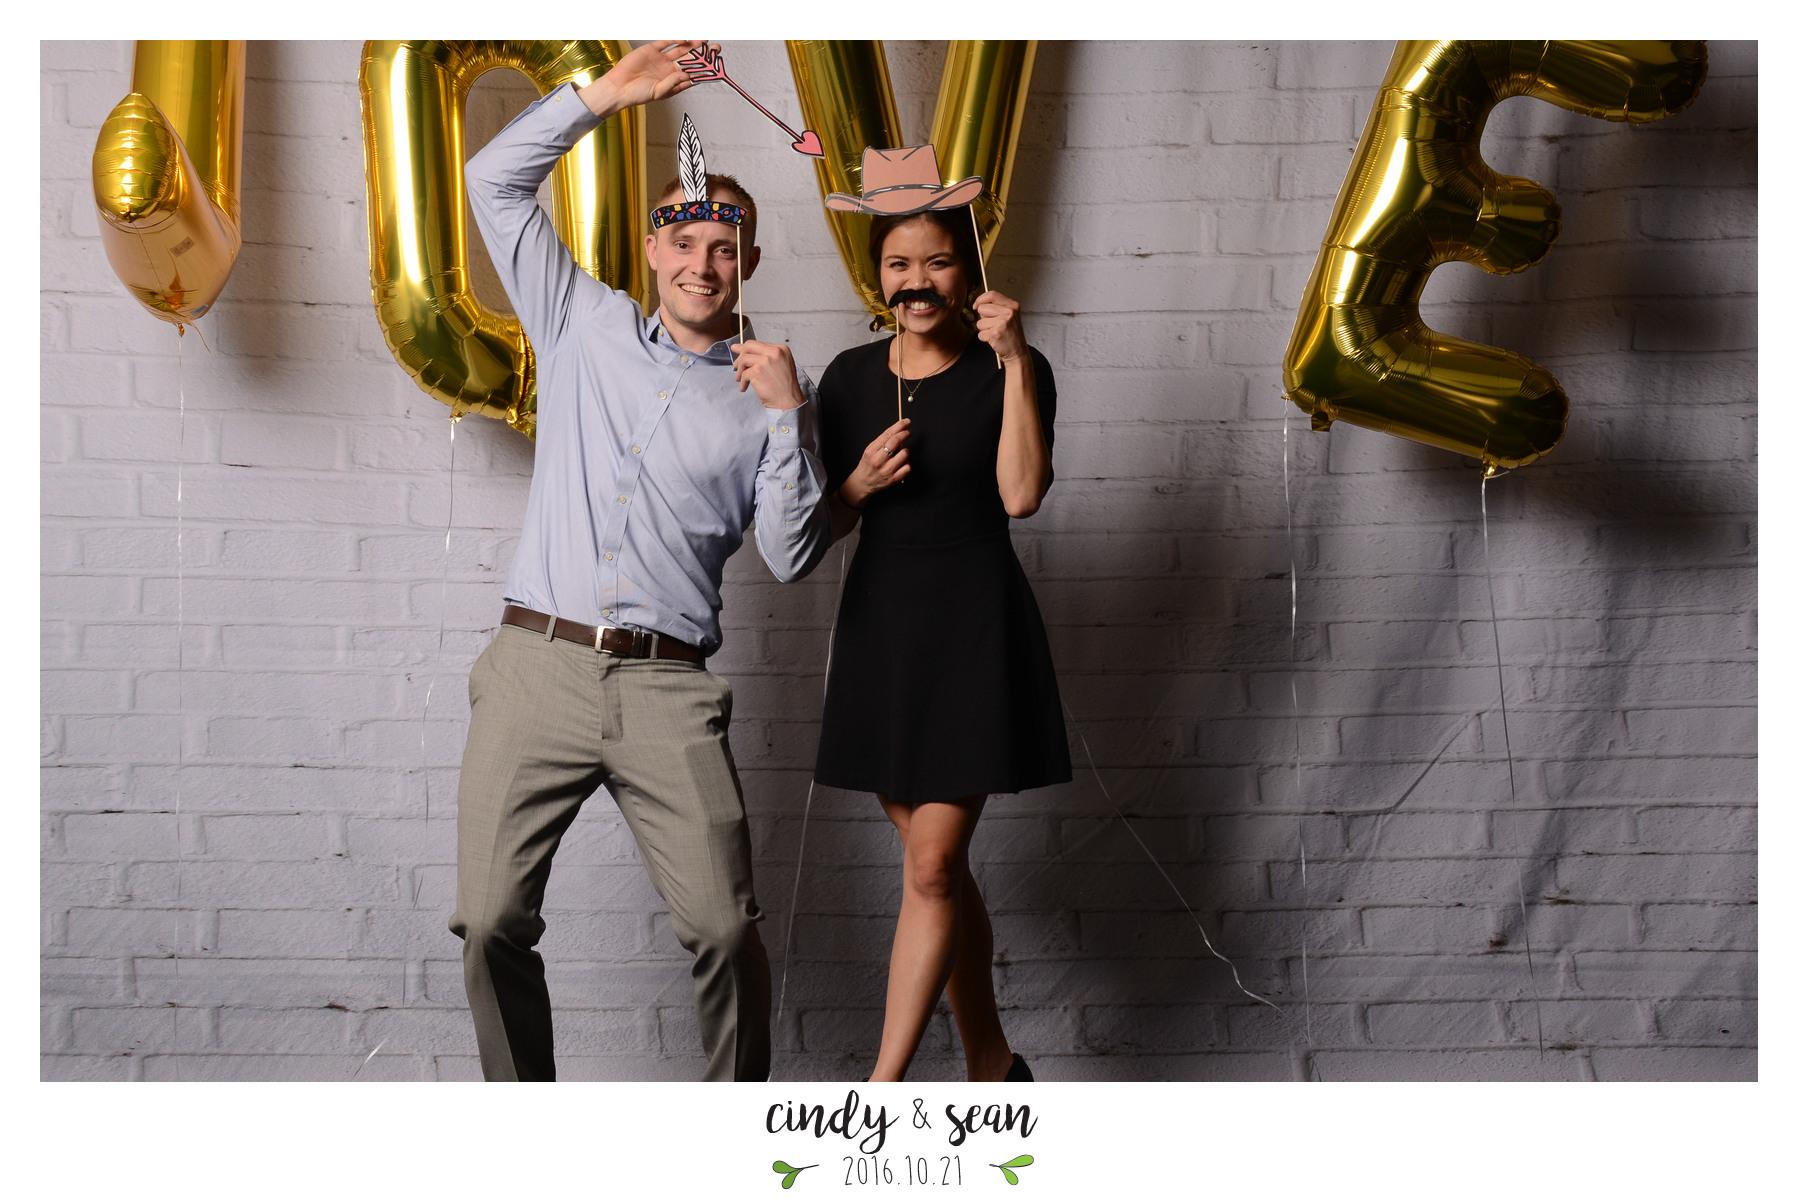 Cindy Sean Bae - 0001-103.jpg